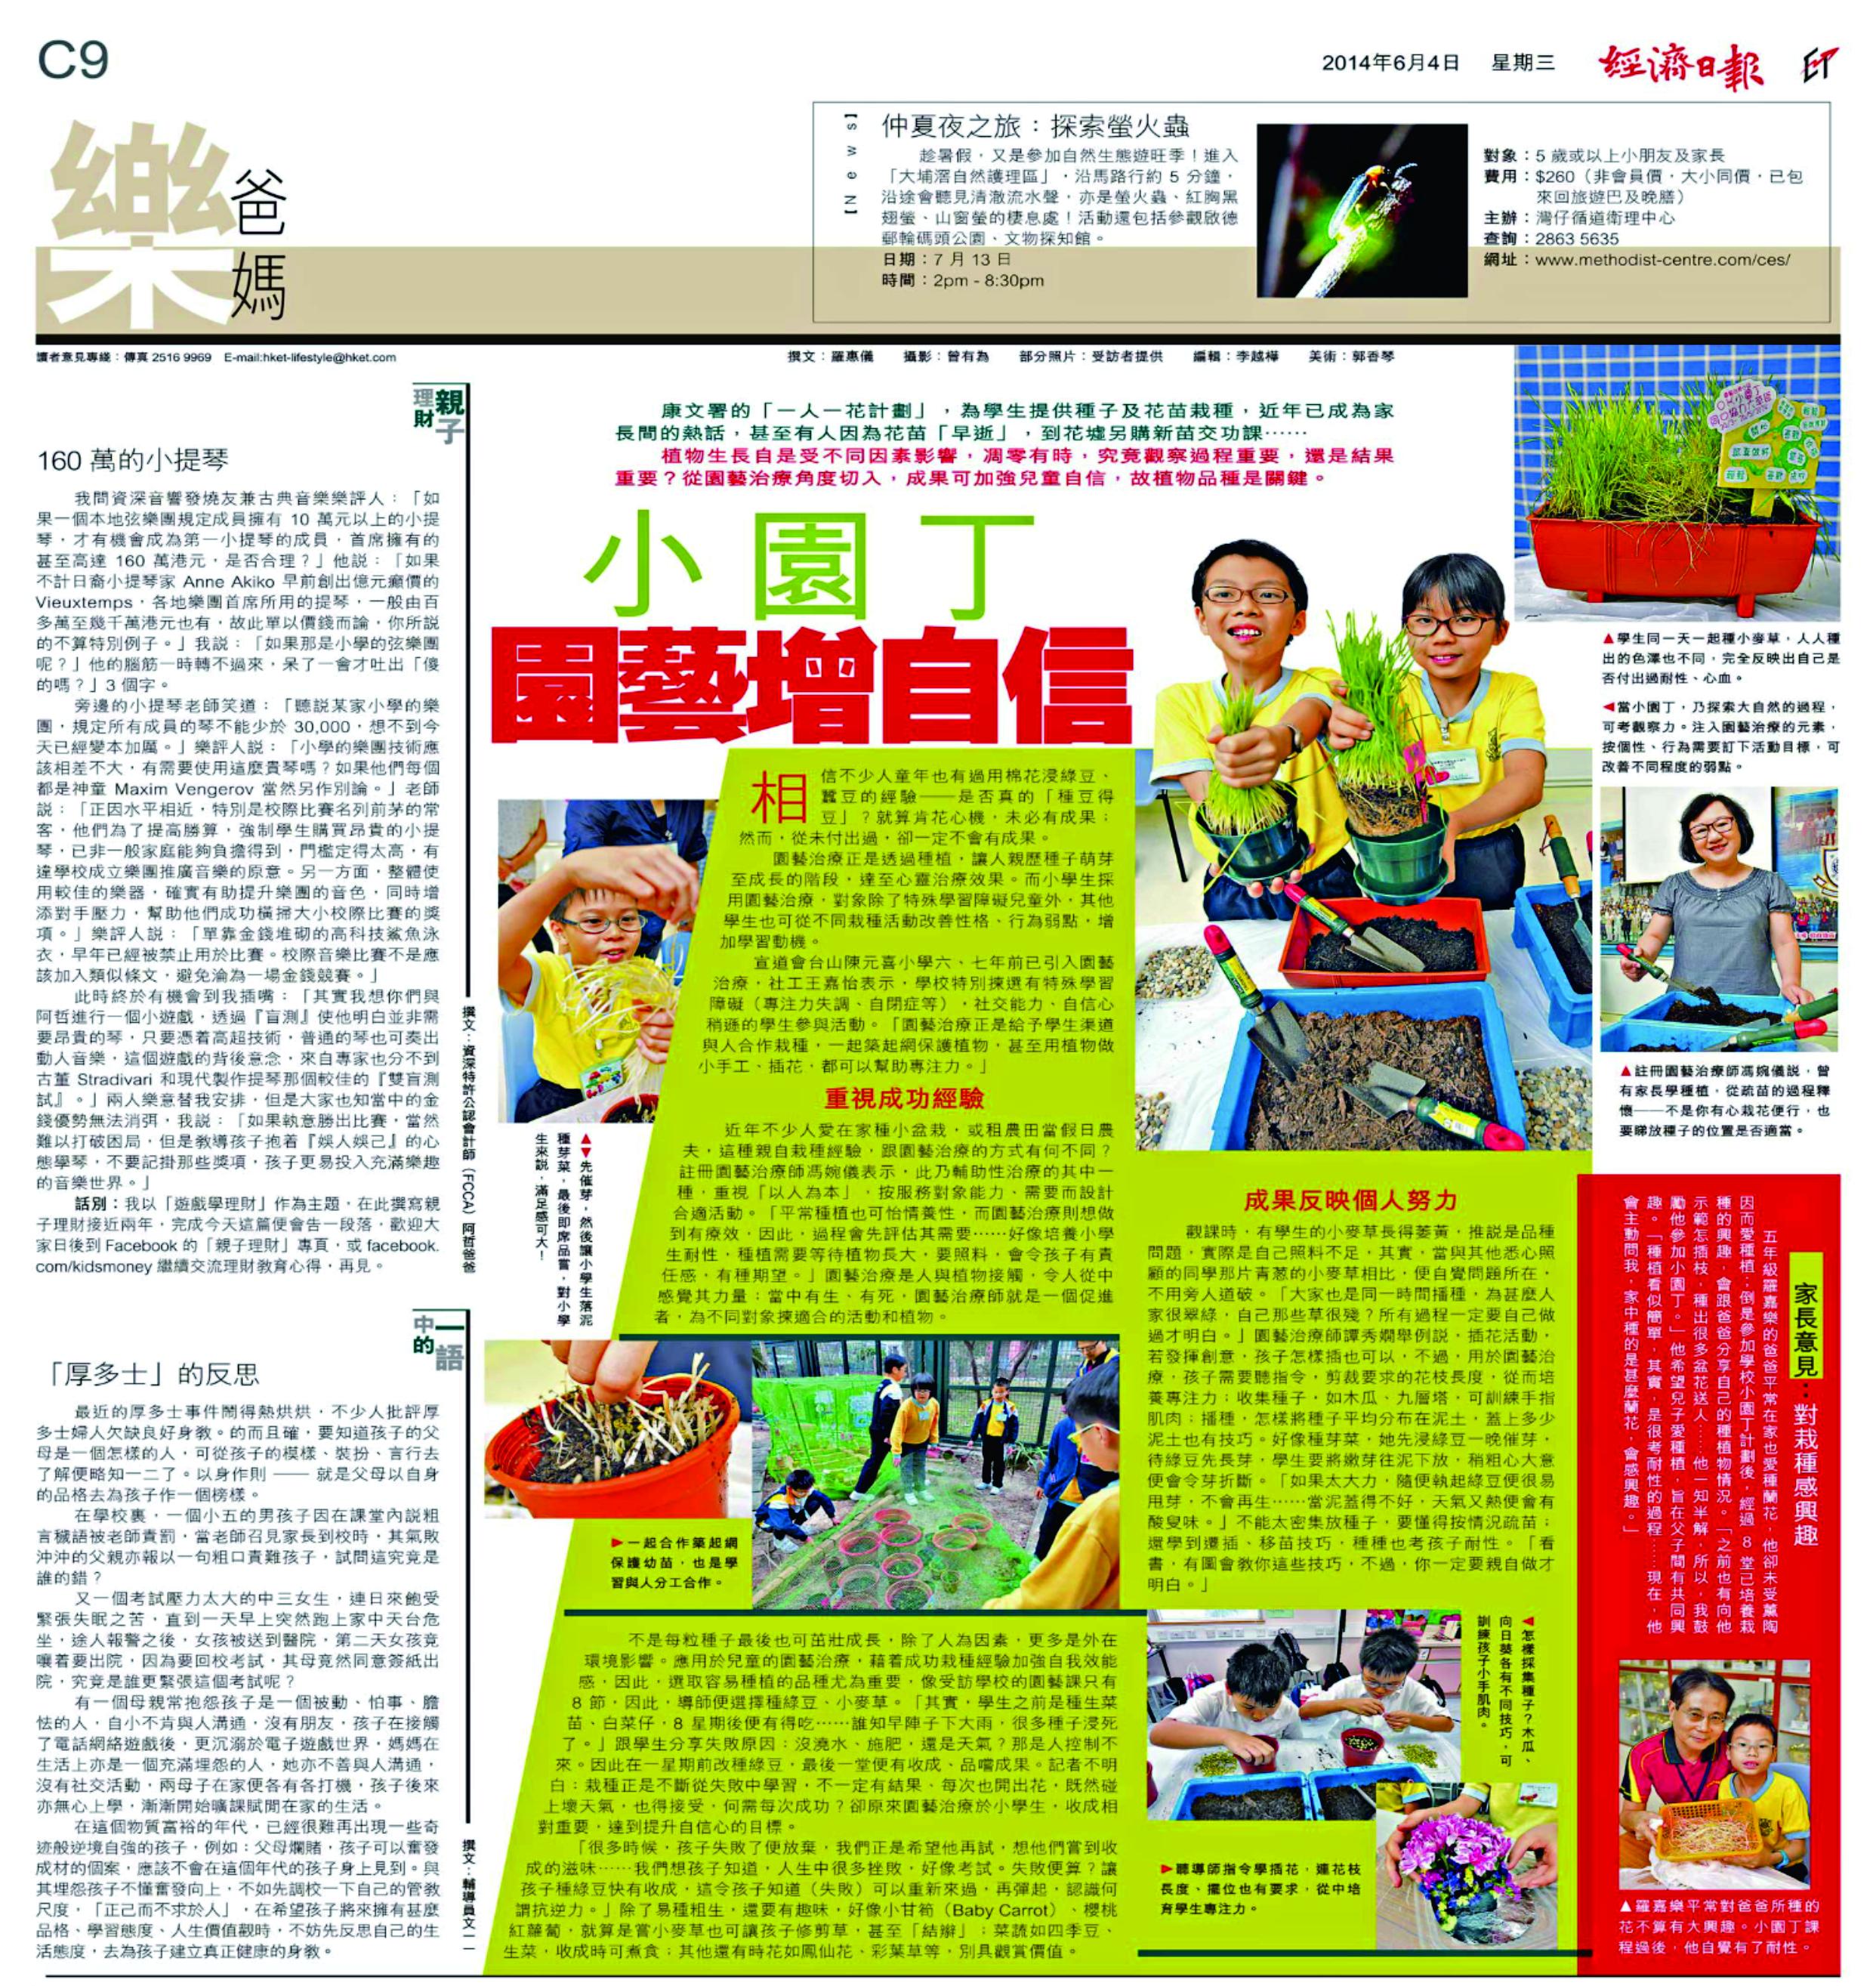 EconomicDaily4-6-2014-1